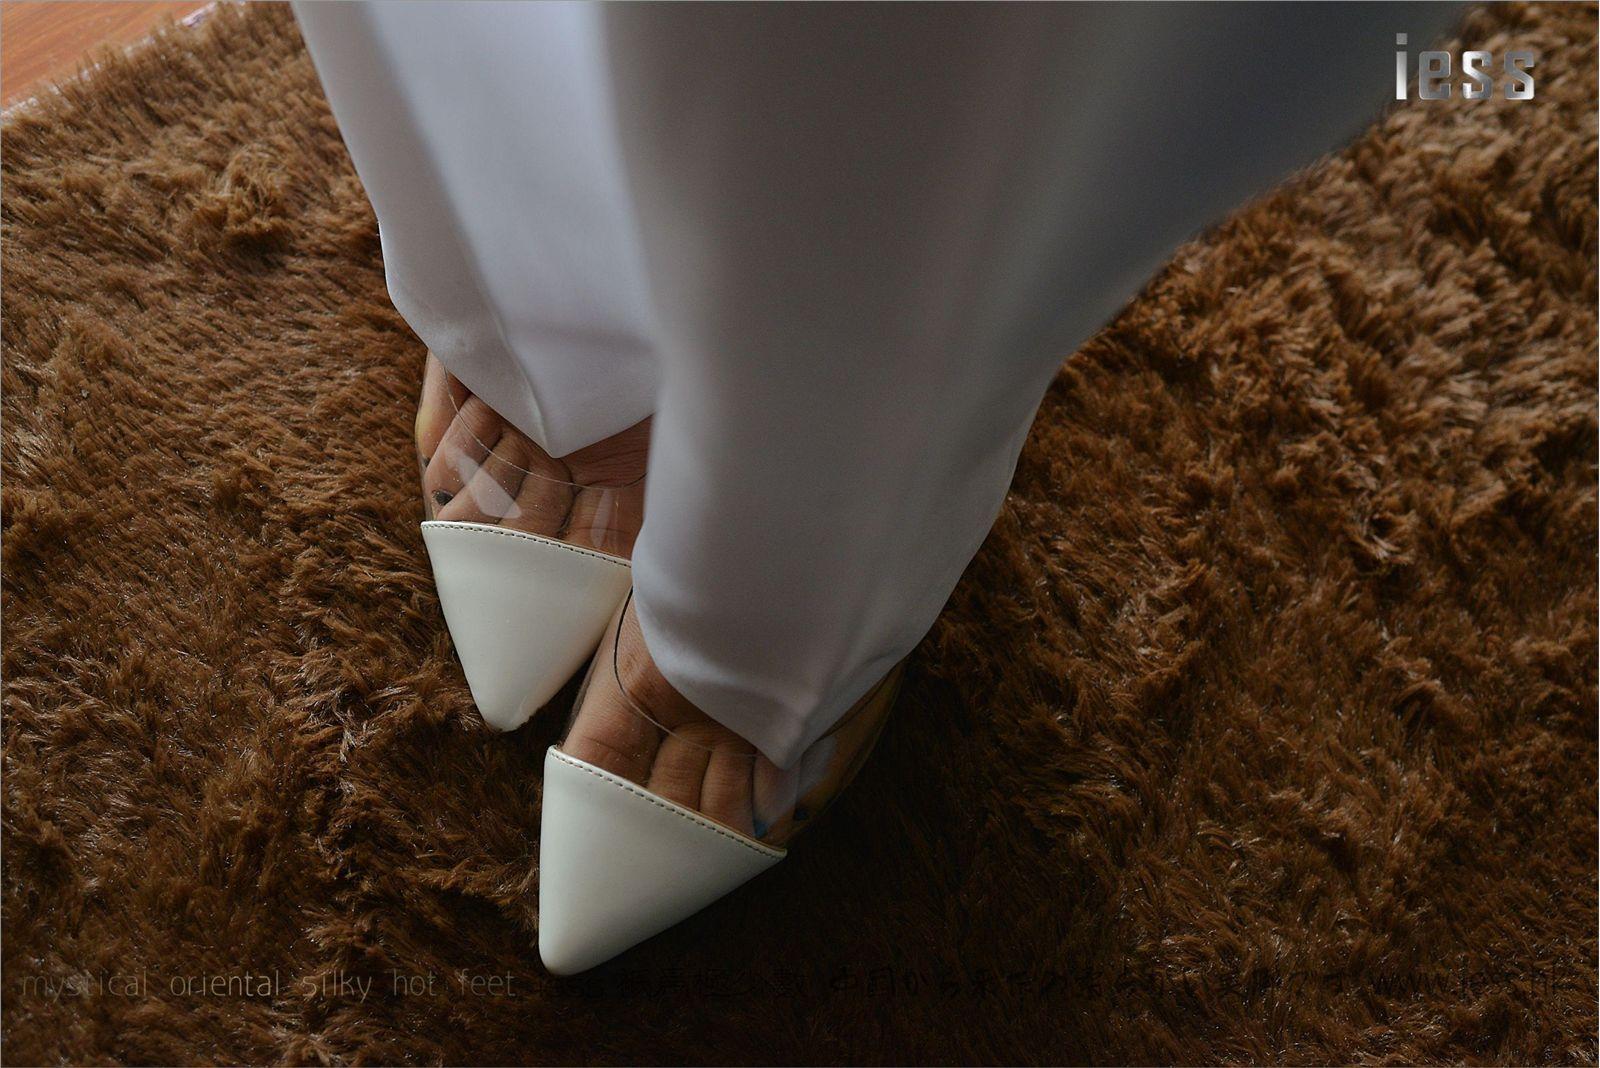 [异思趣向] 悬念 【典藏】裸足高跟鞋[99P] 异思趣向 第3张